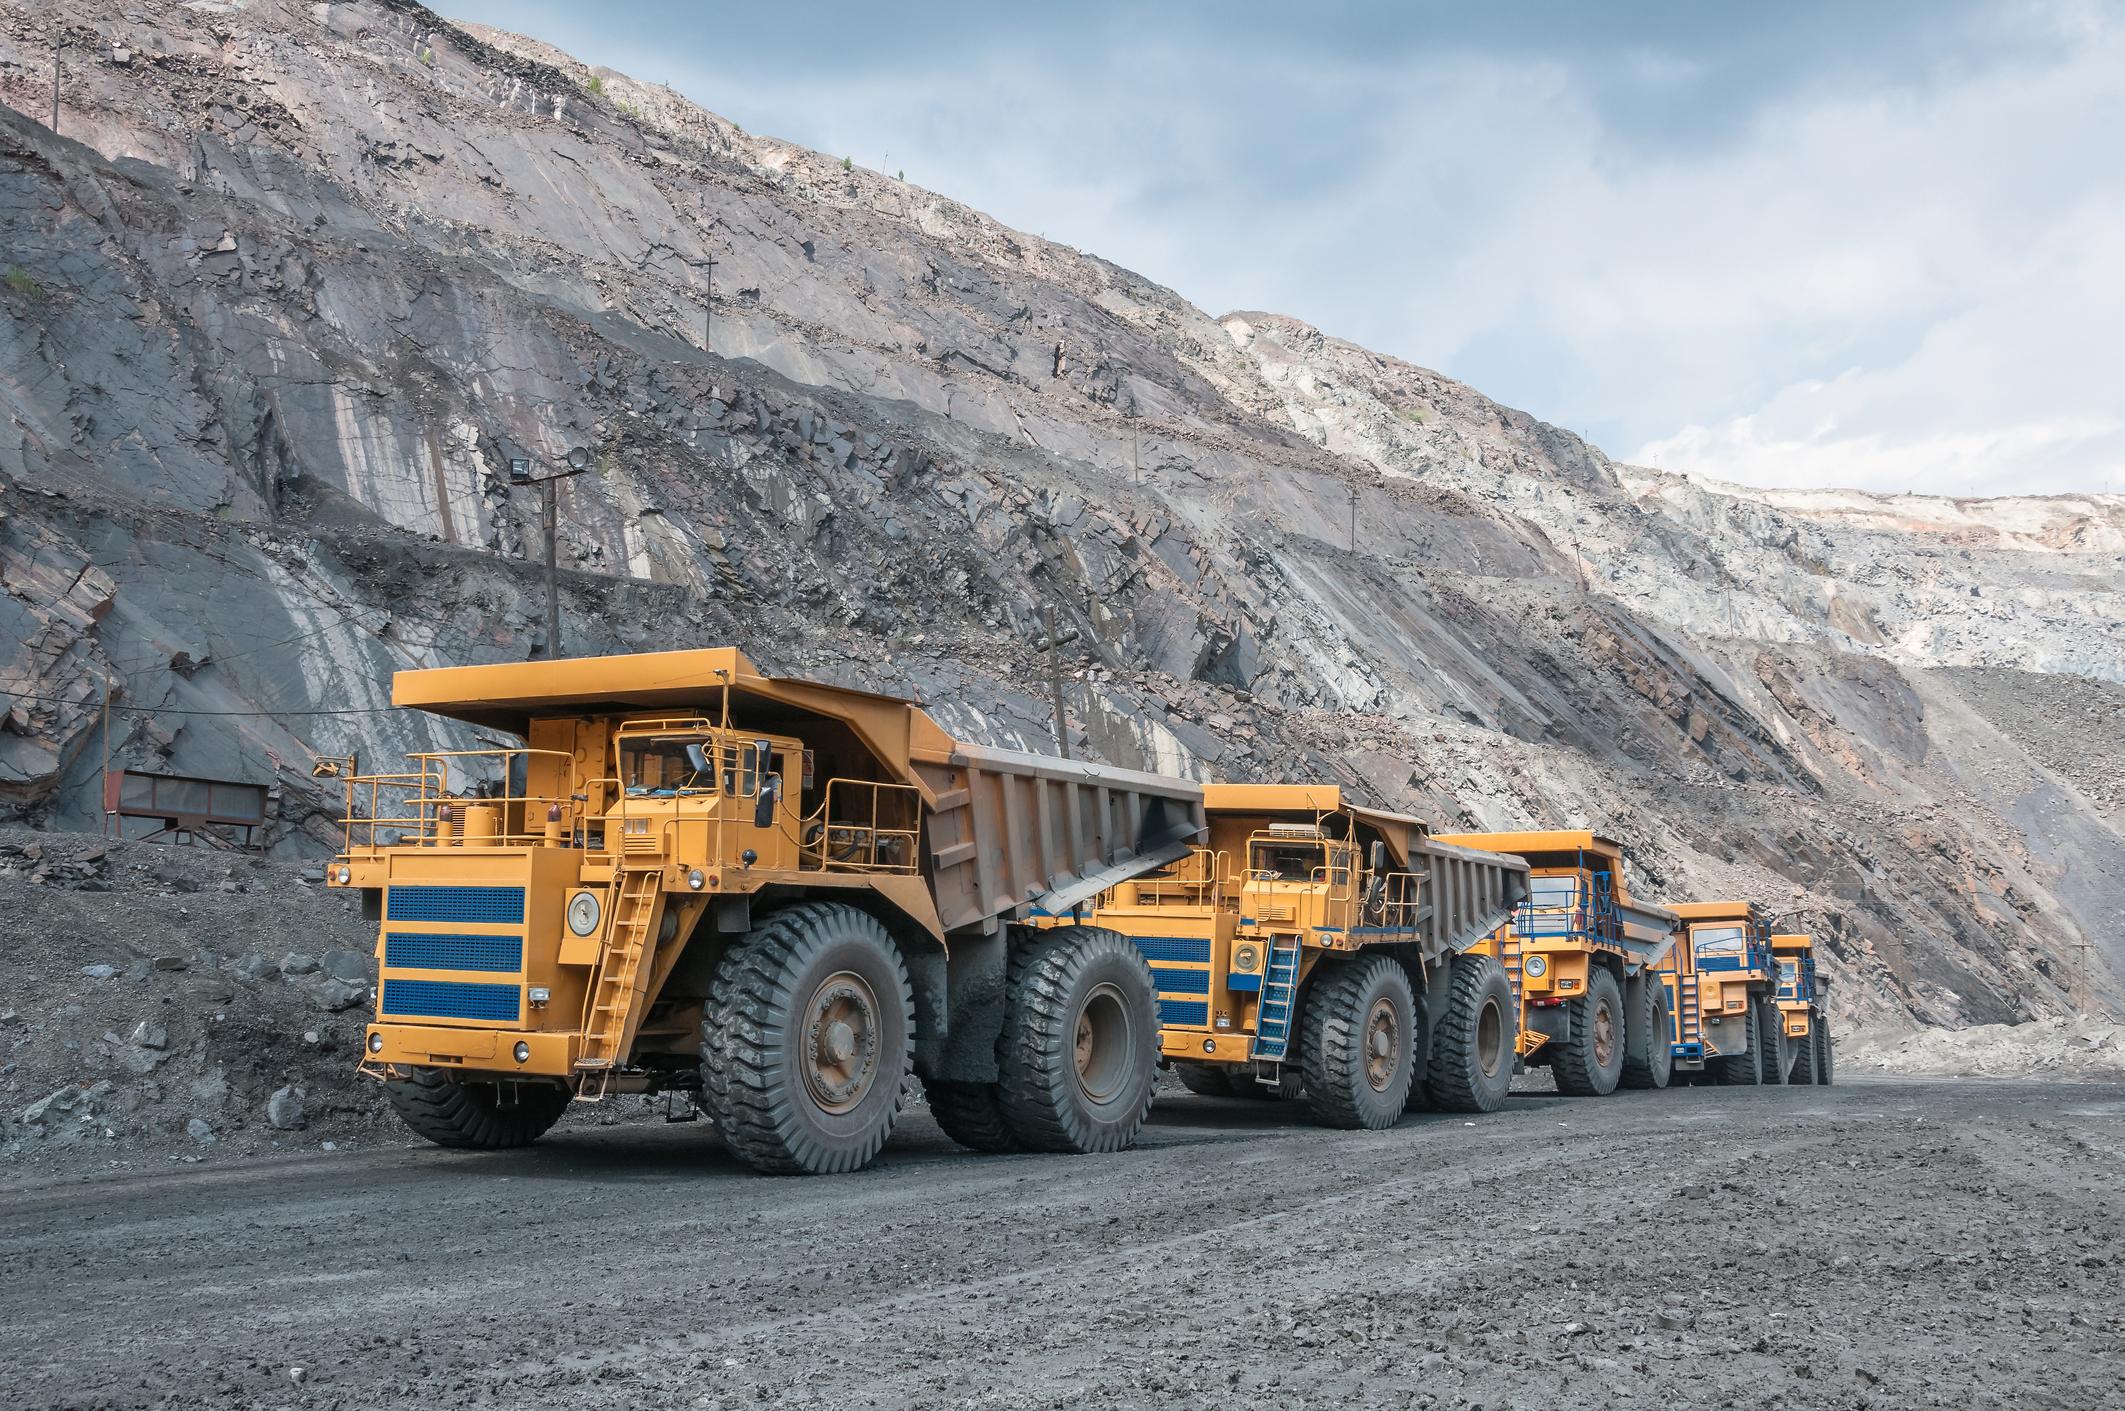 Three dump trucks driving in an open pit mine.